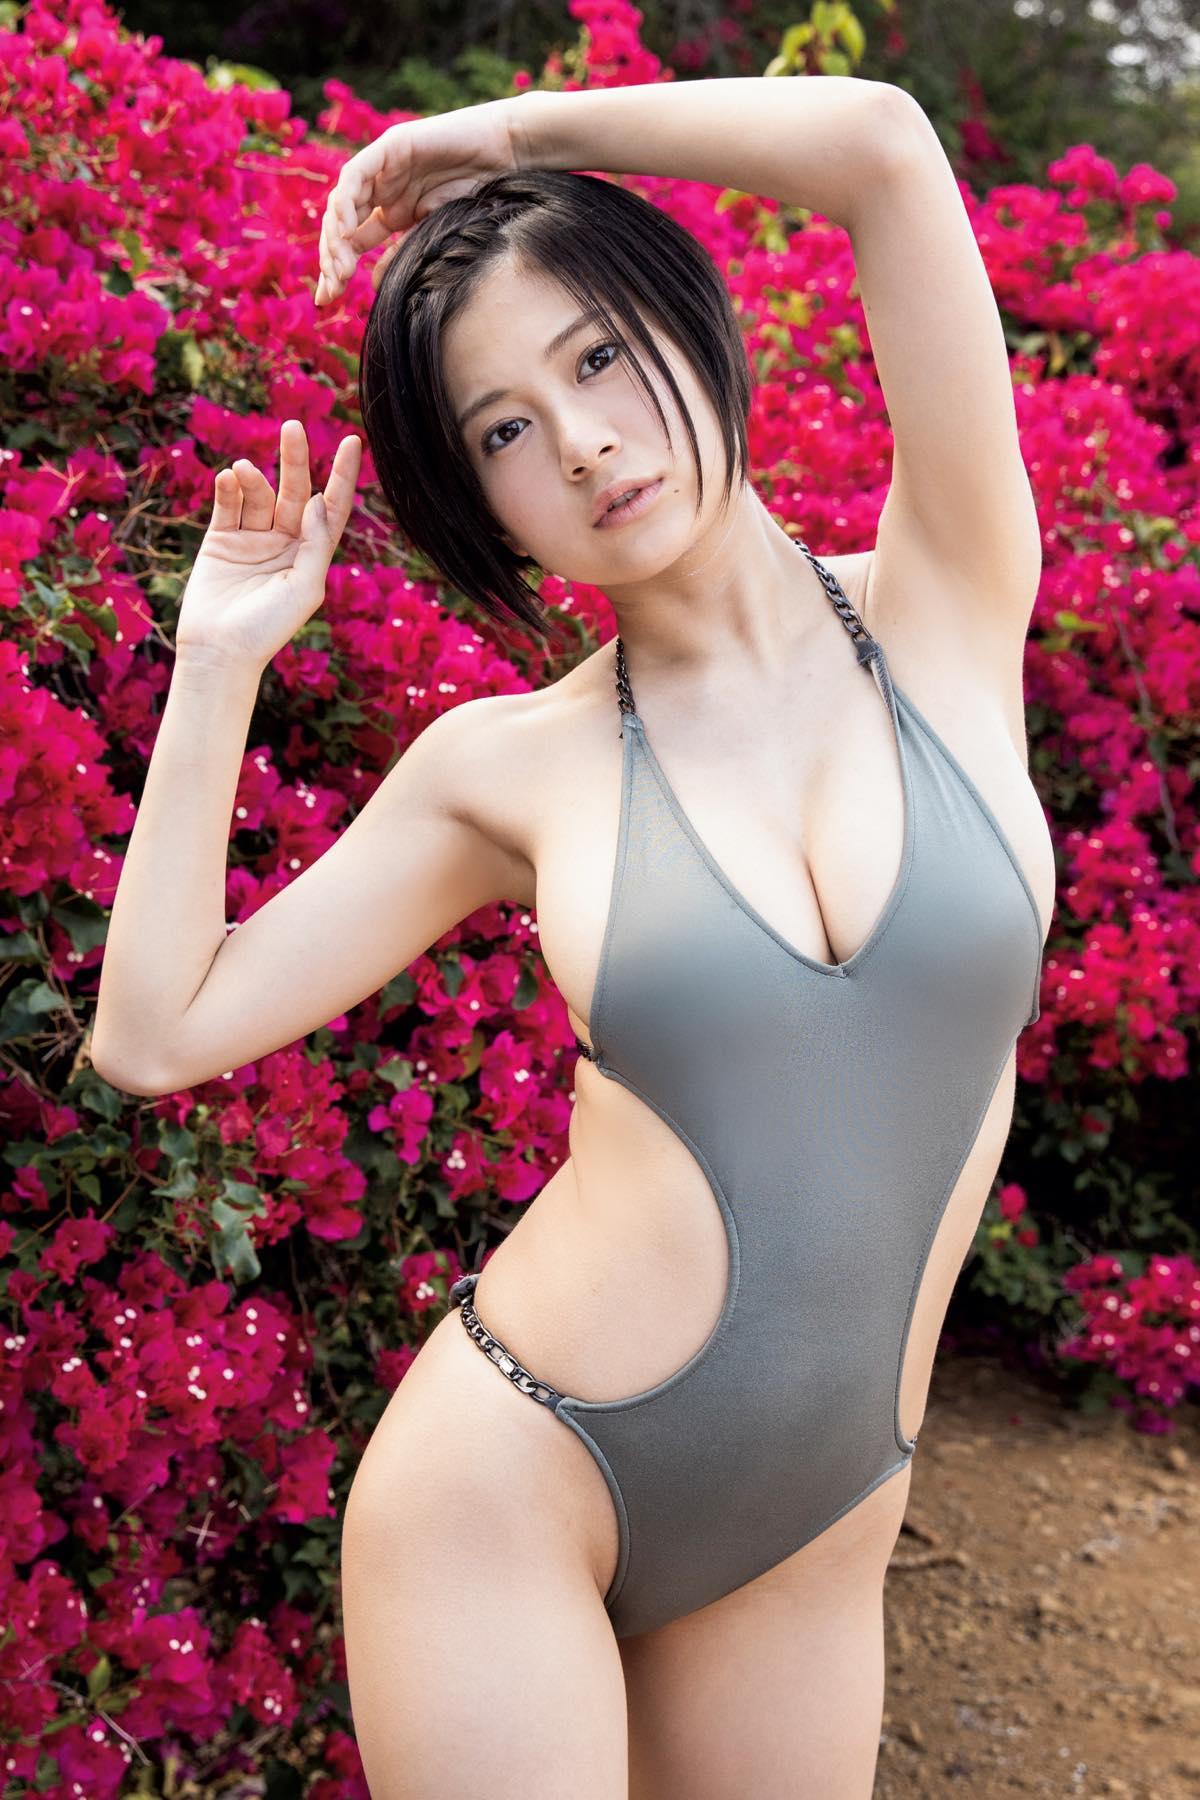 RaMu「胸だけデカい」148cmミニマムボディ【写真8枚】の画像003